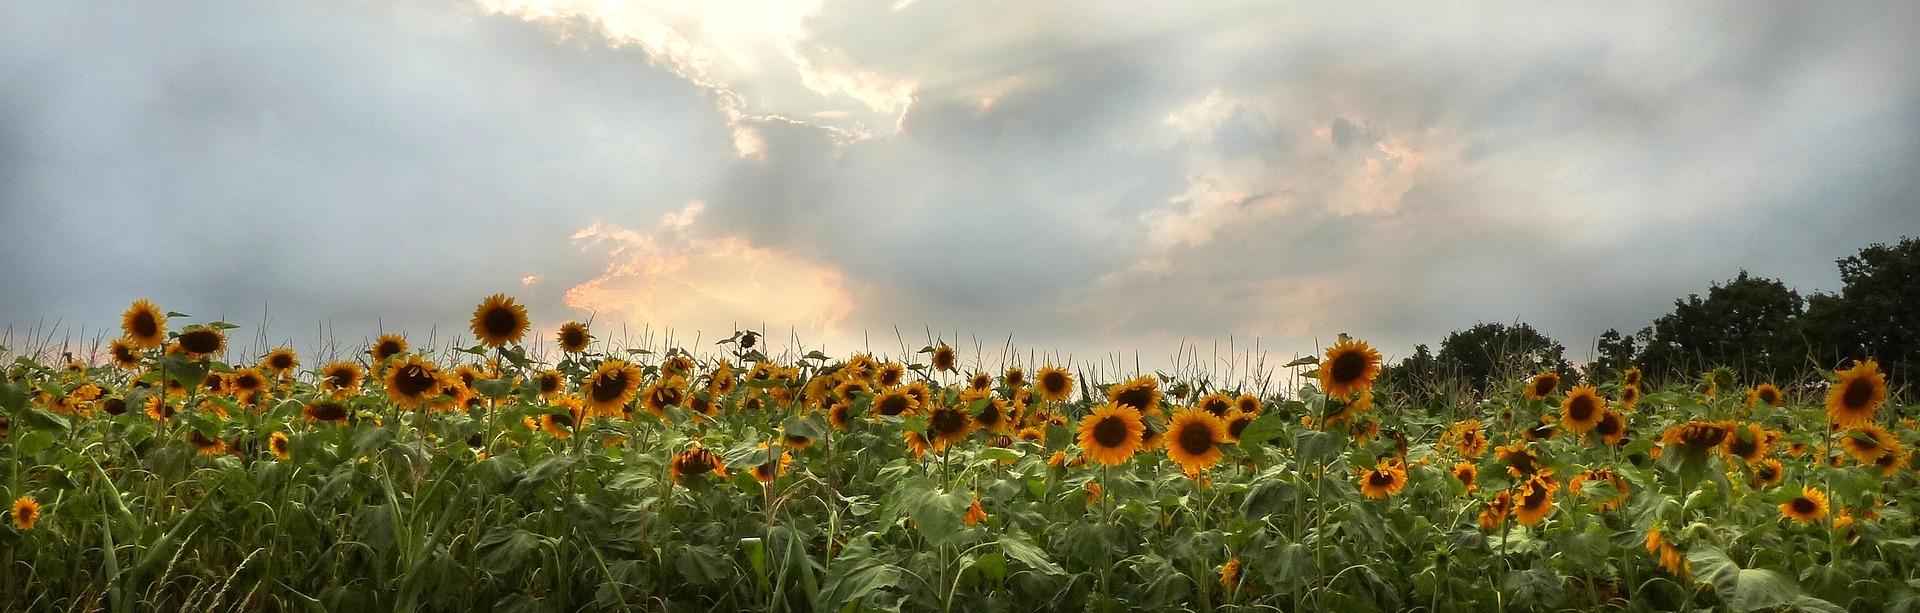 sun-flower-2269185-1920.jpg